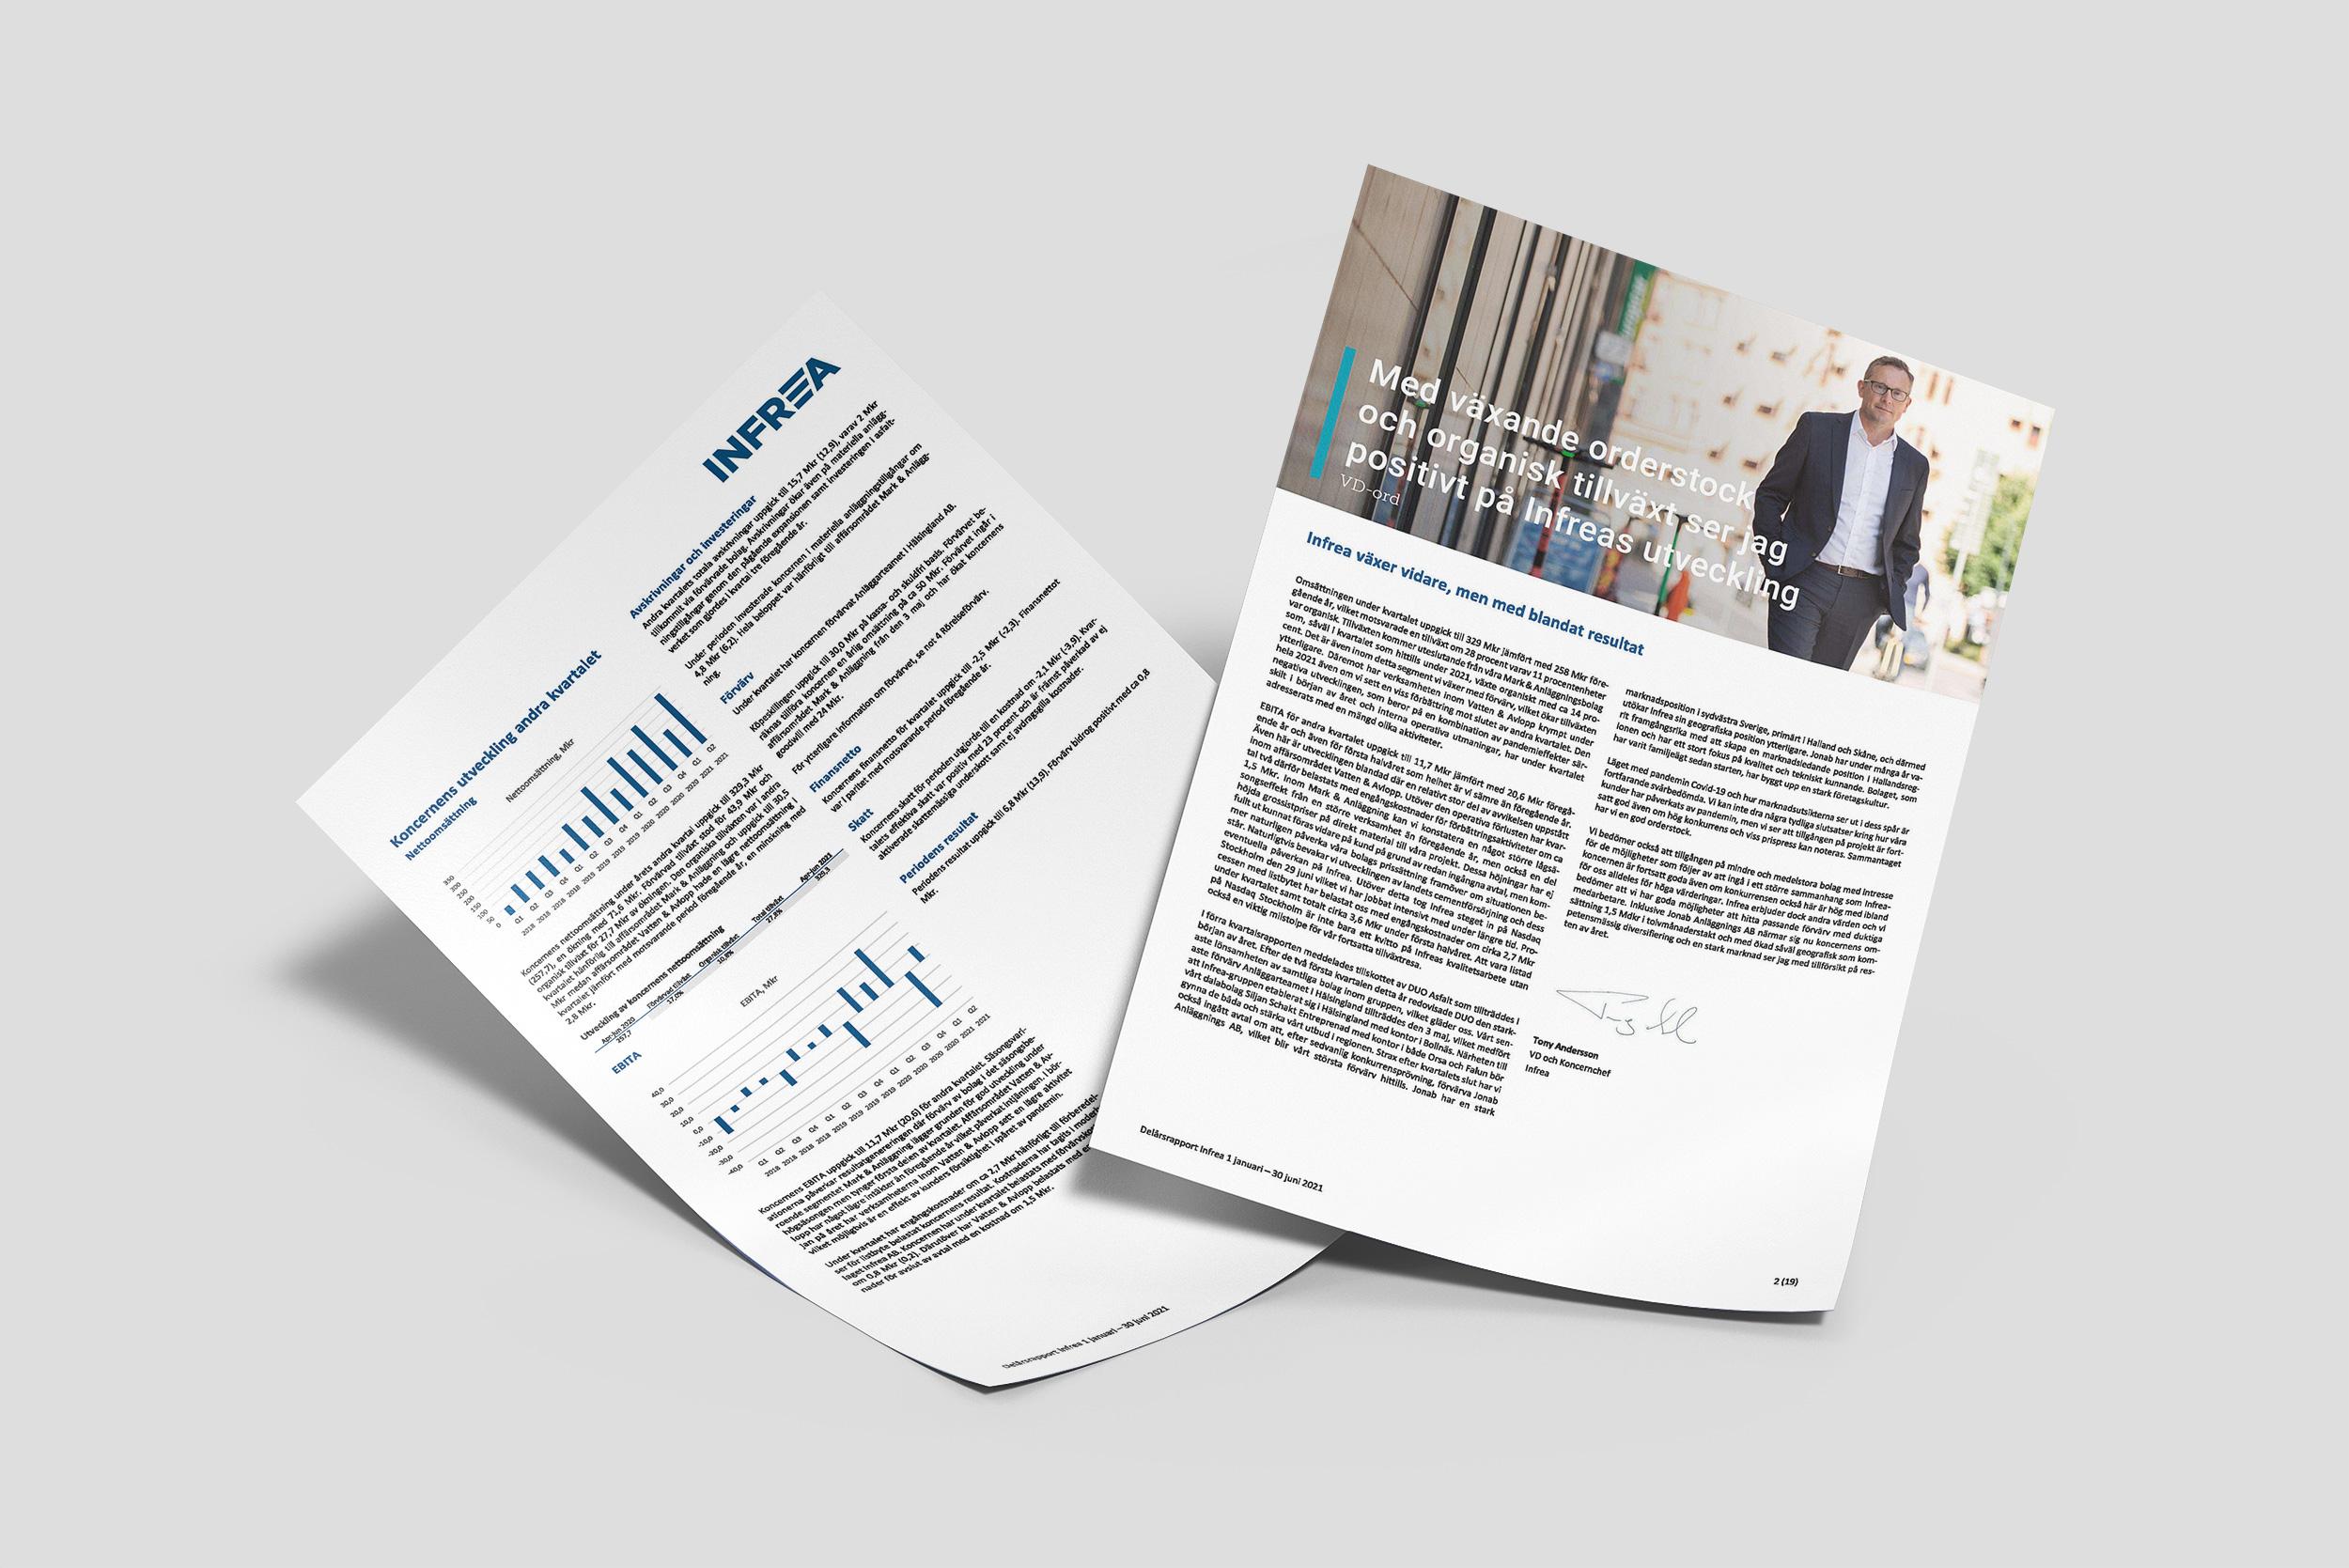 Delårsrapporten är en viktig del av börsnoterade Infreas finansiella rapportering.